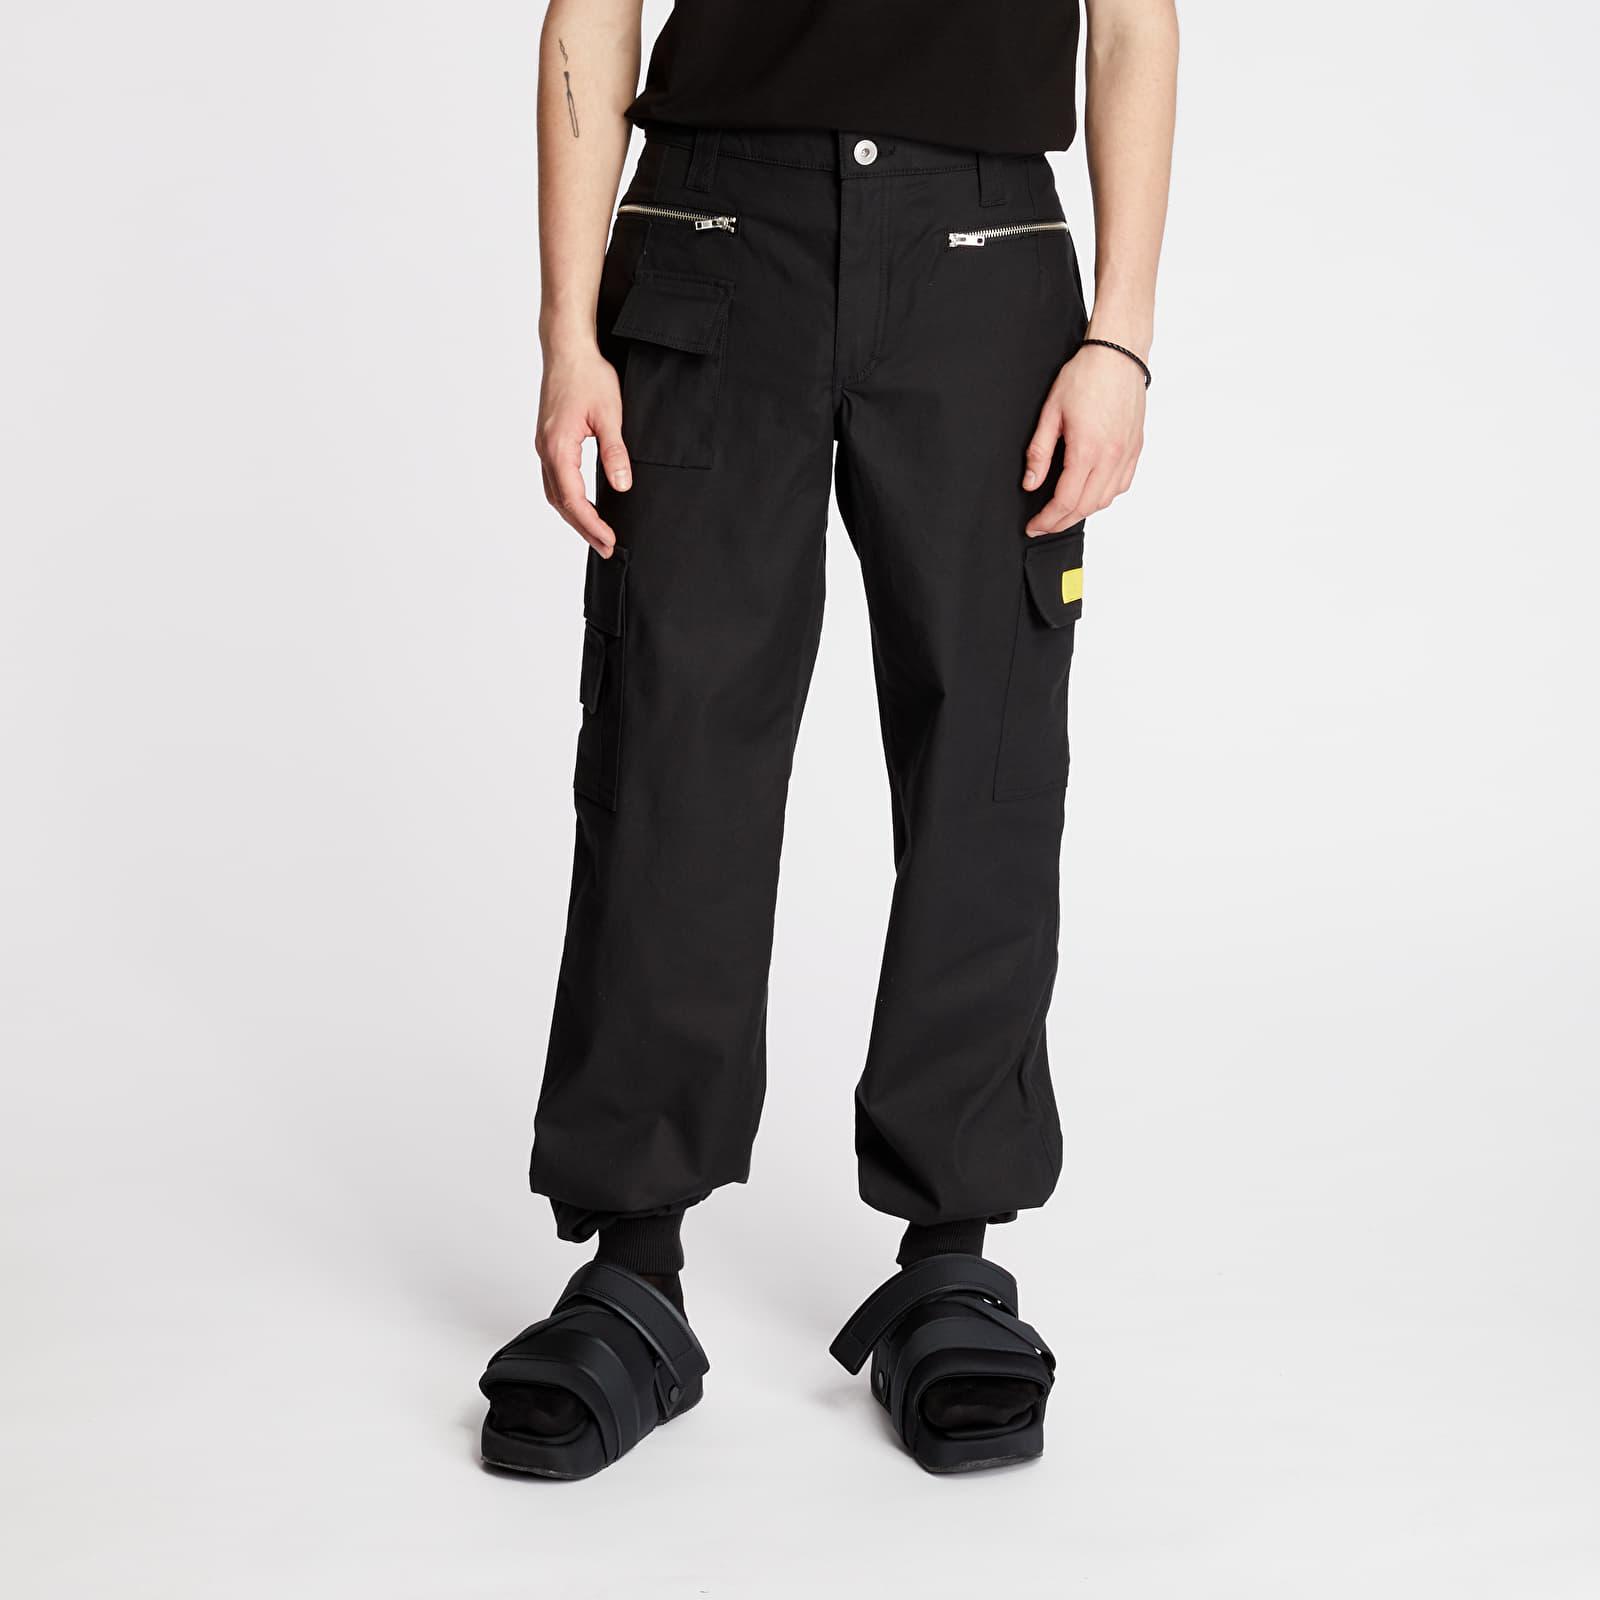 Pants and jeans Footshop x LAFORMELA Pants Black